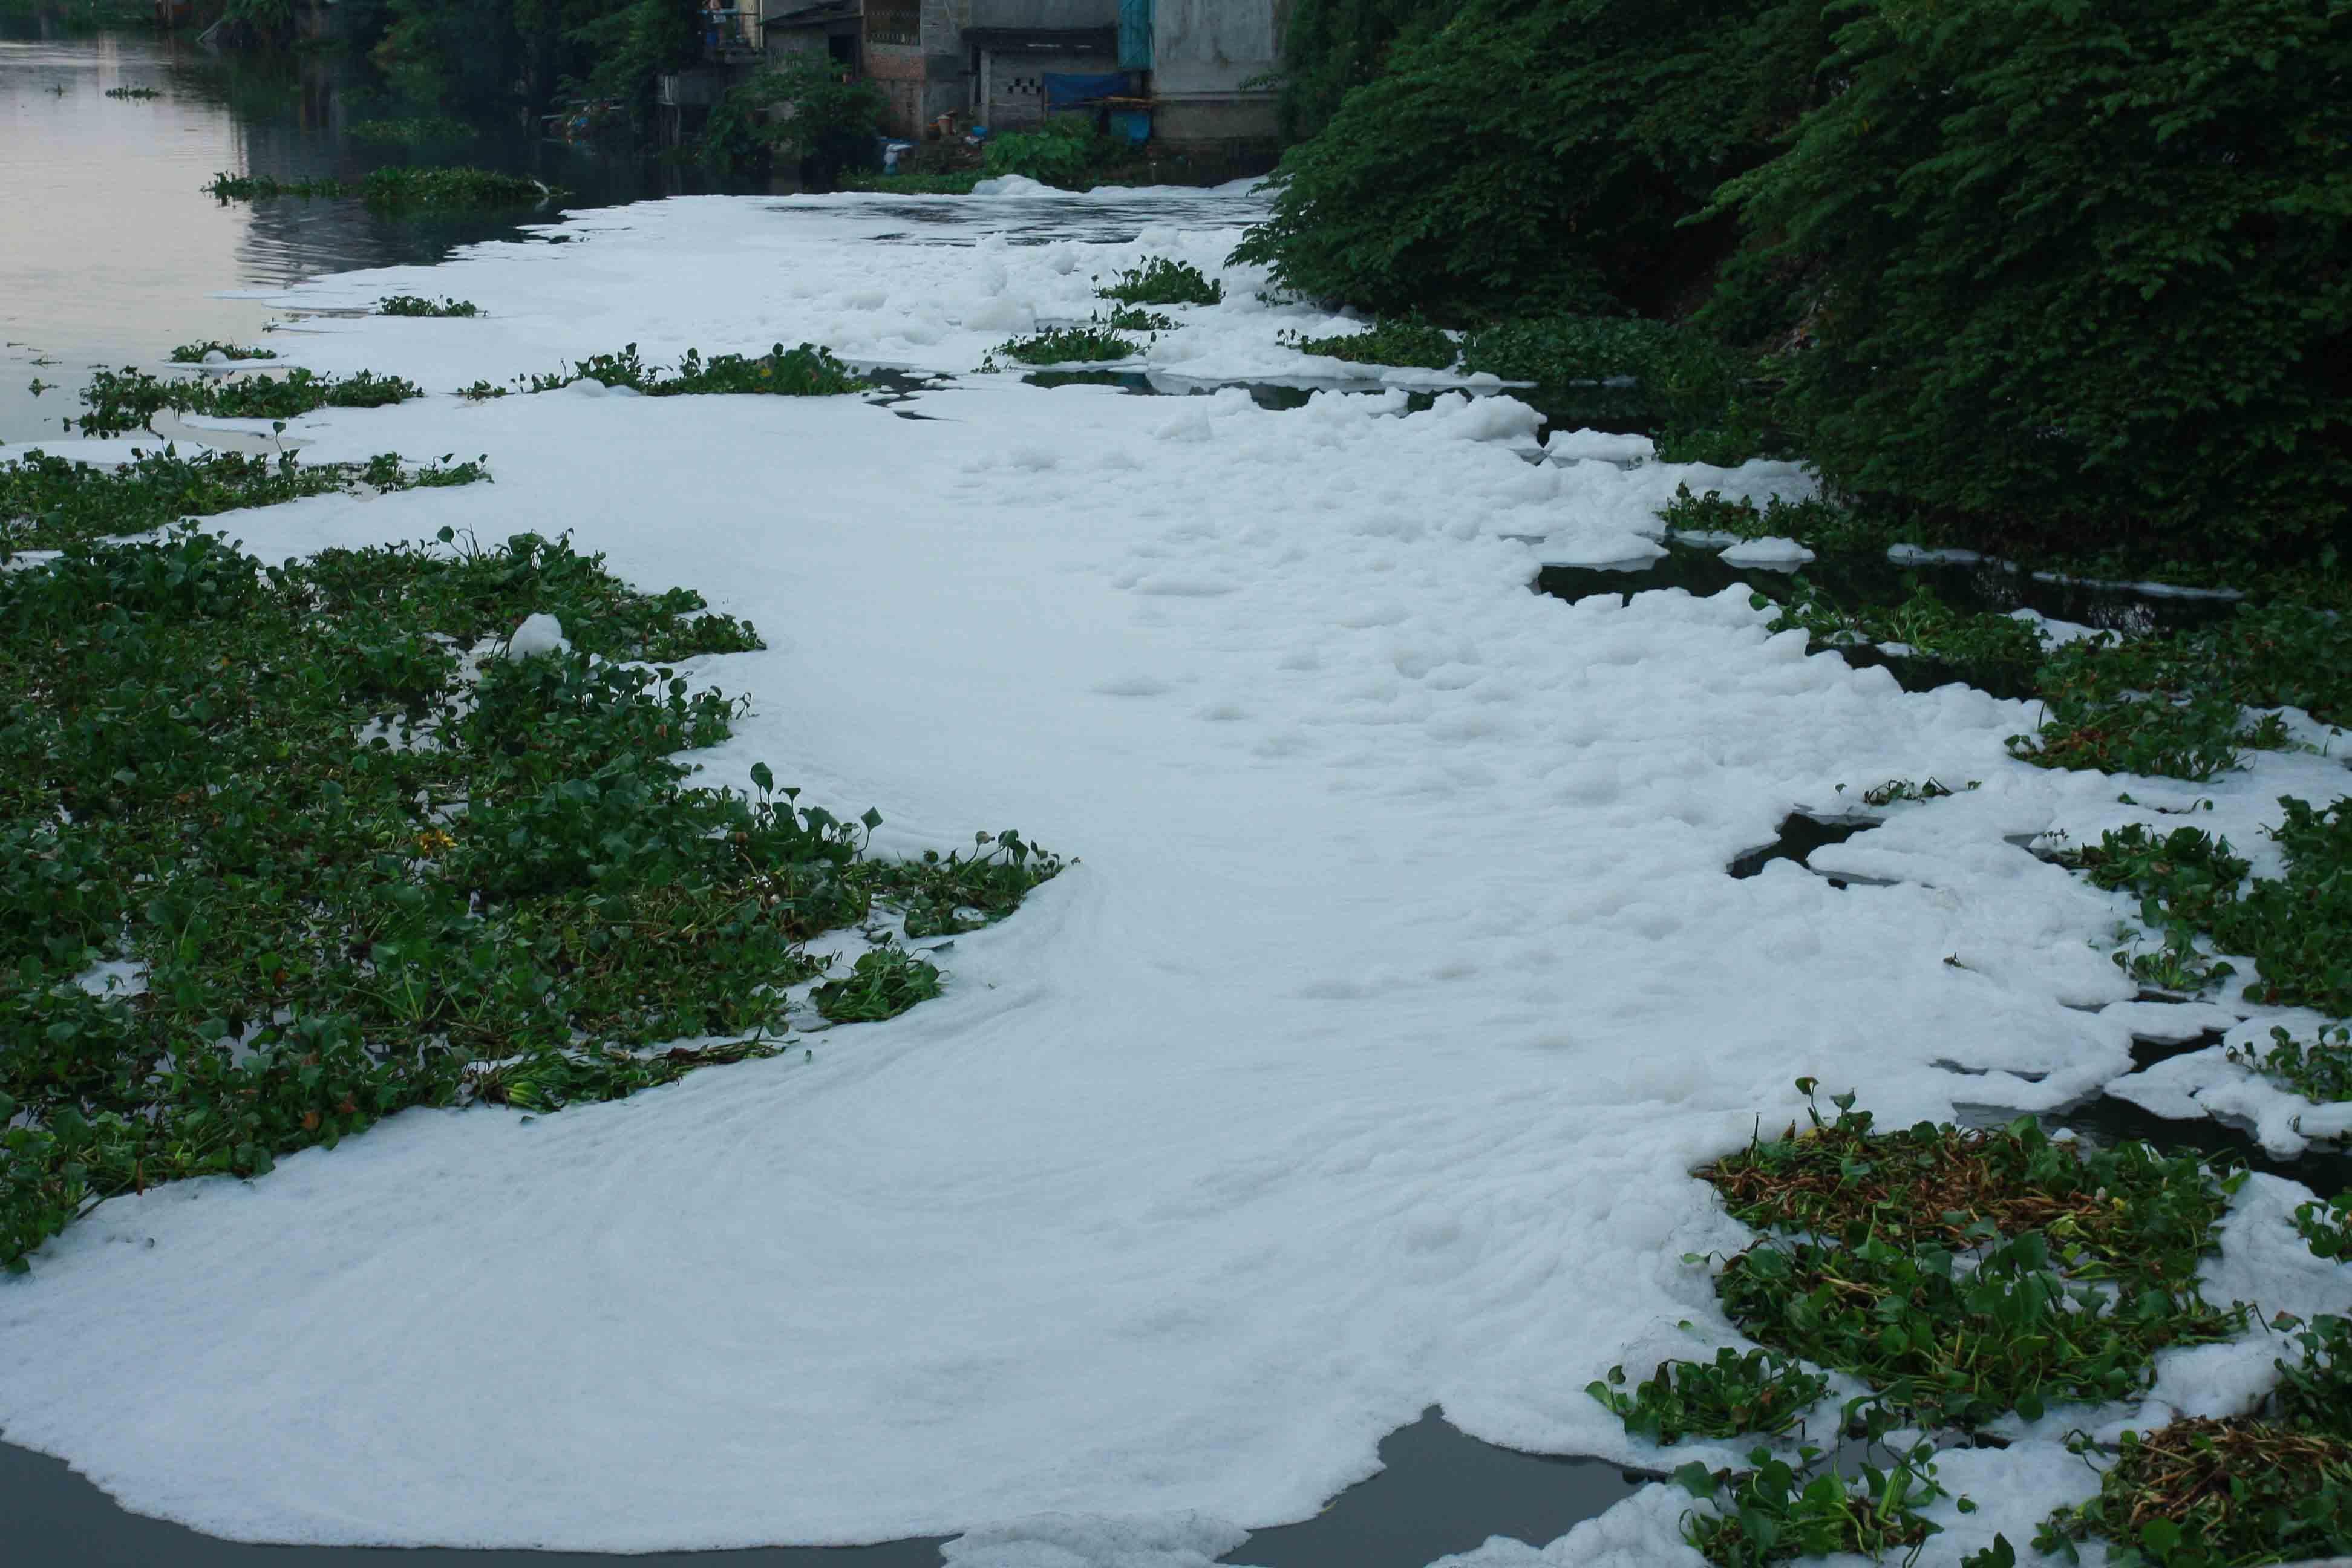 Ô nhiễm môi trường là vấn đề luôn được các cấp quan tâm. Ảnh Xuân Dương